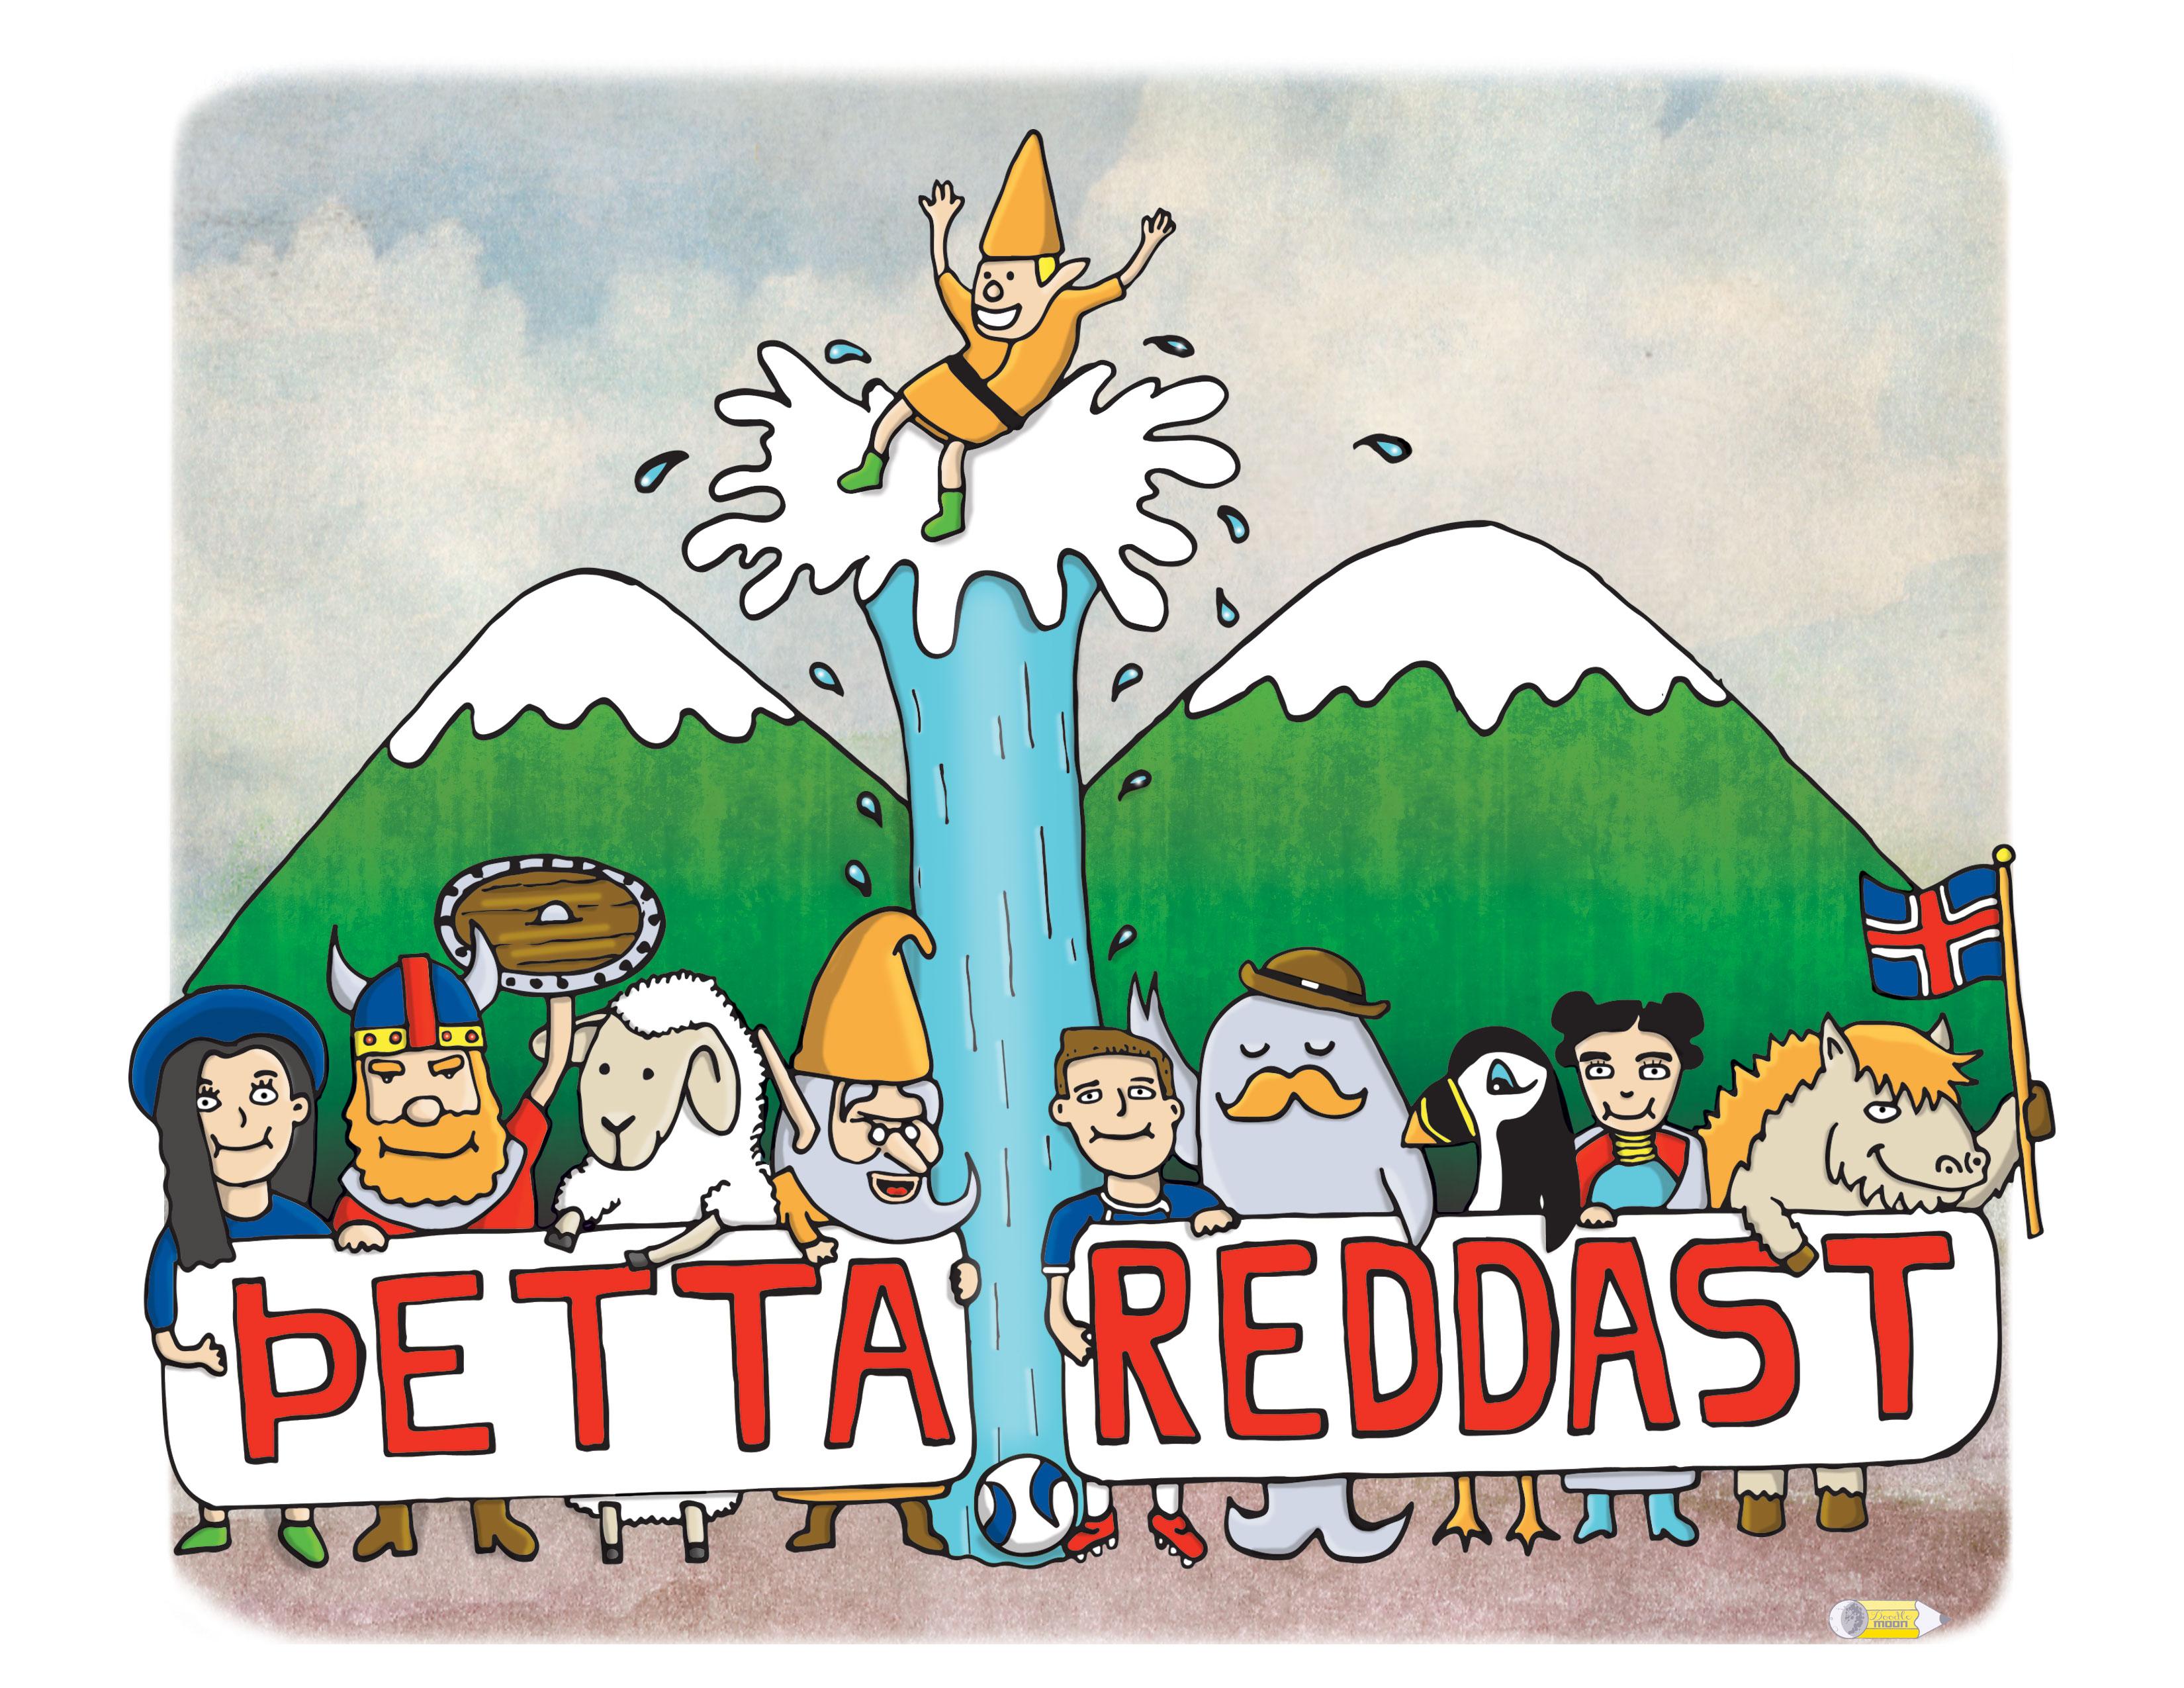 thedda-reddast-web